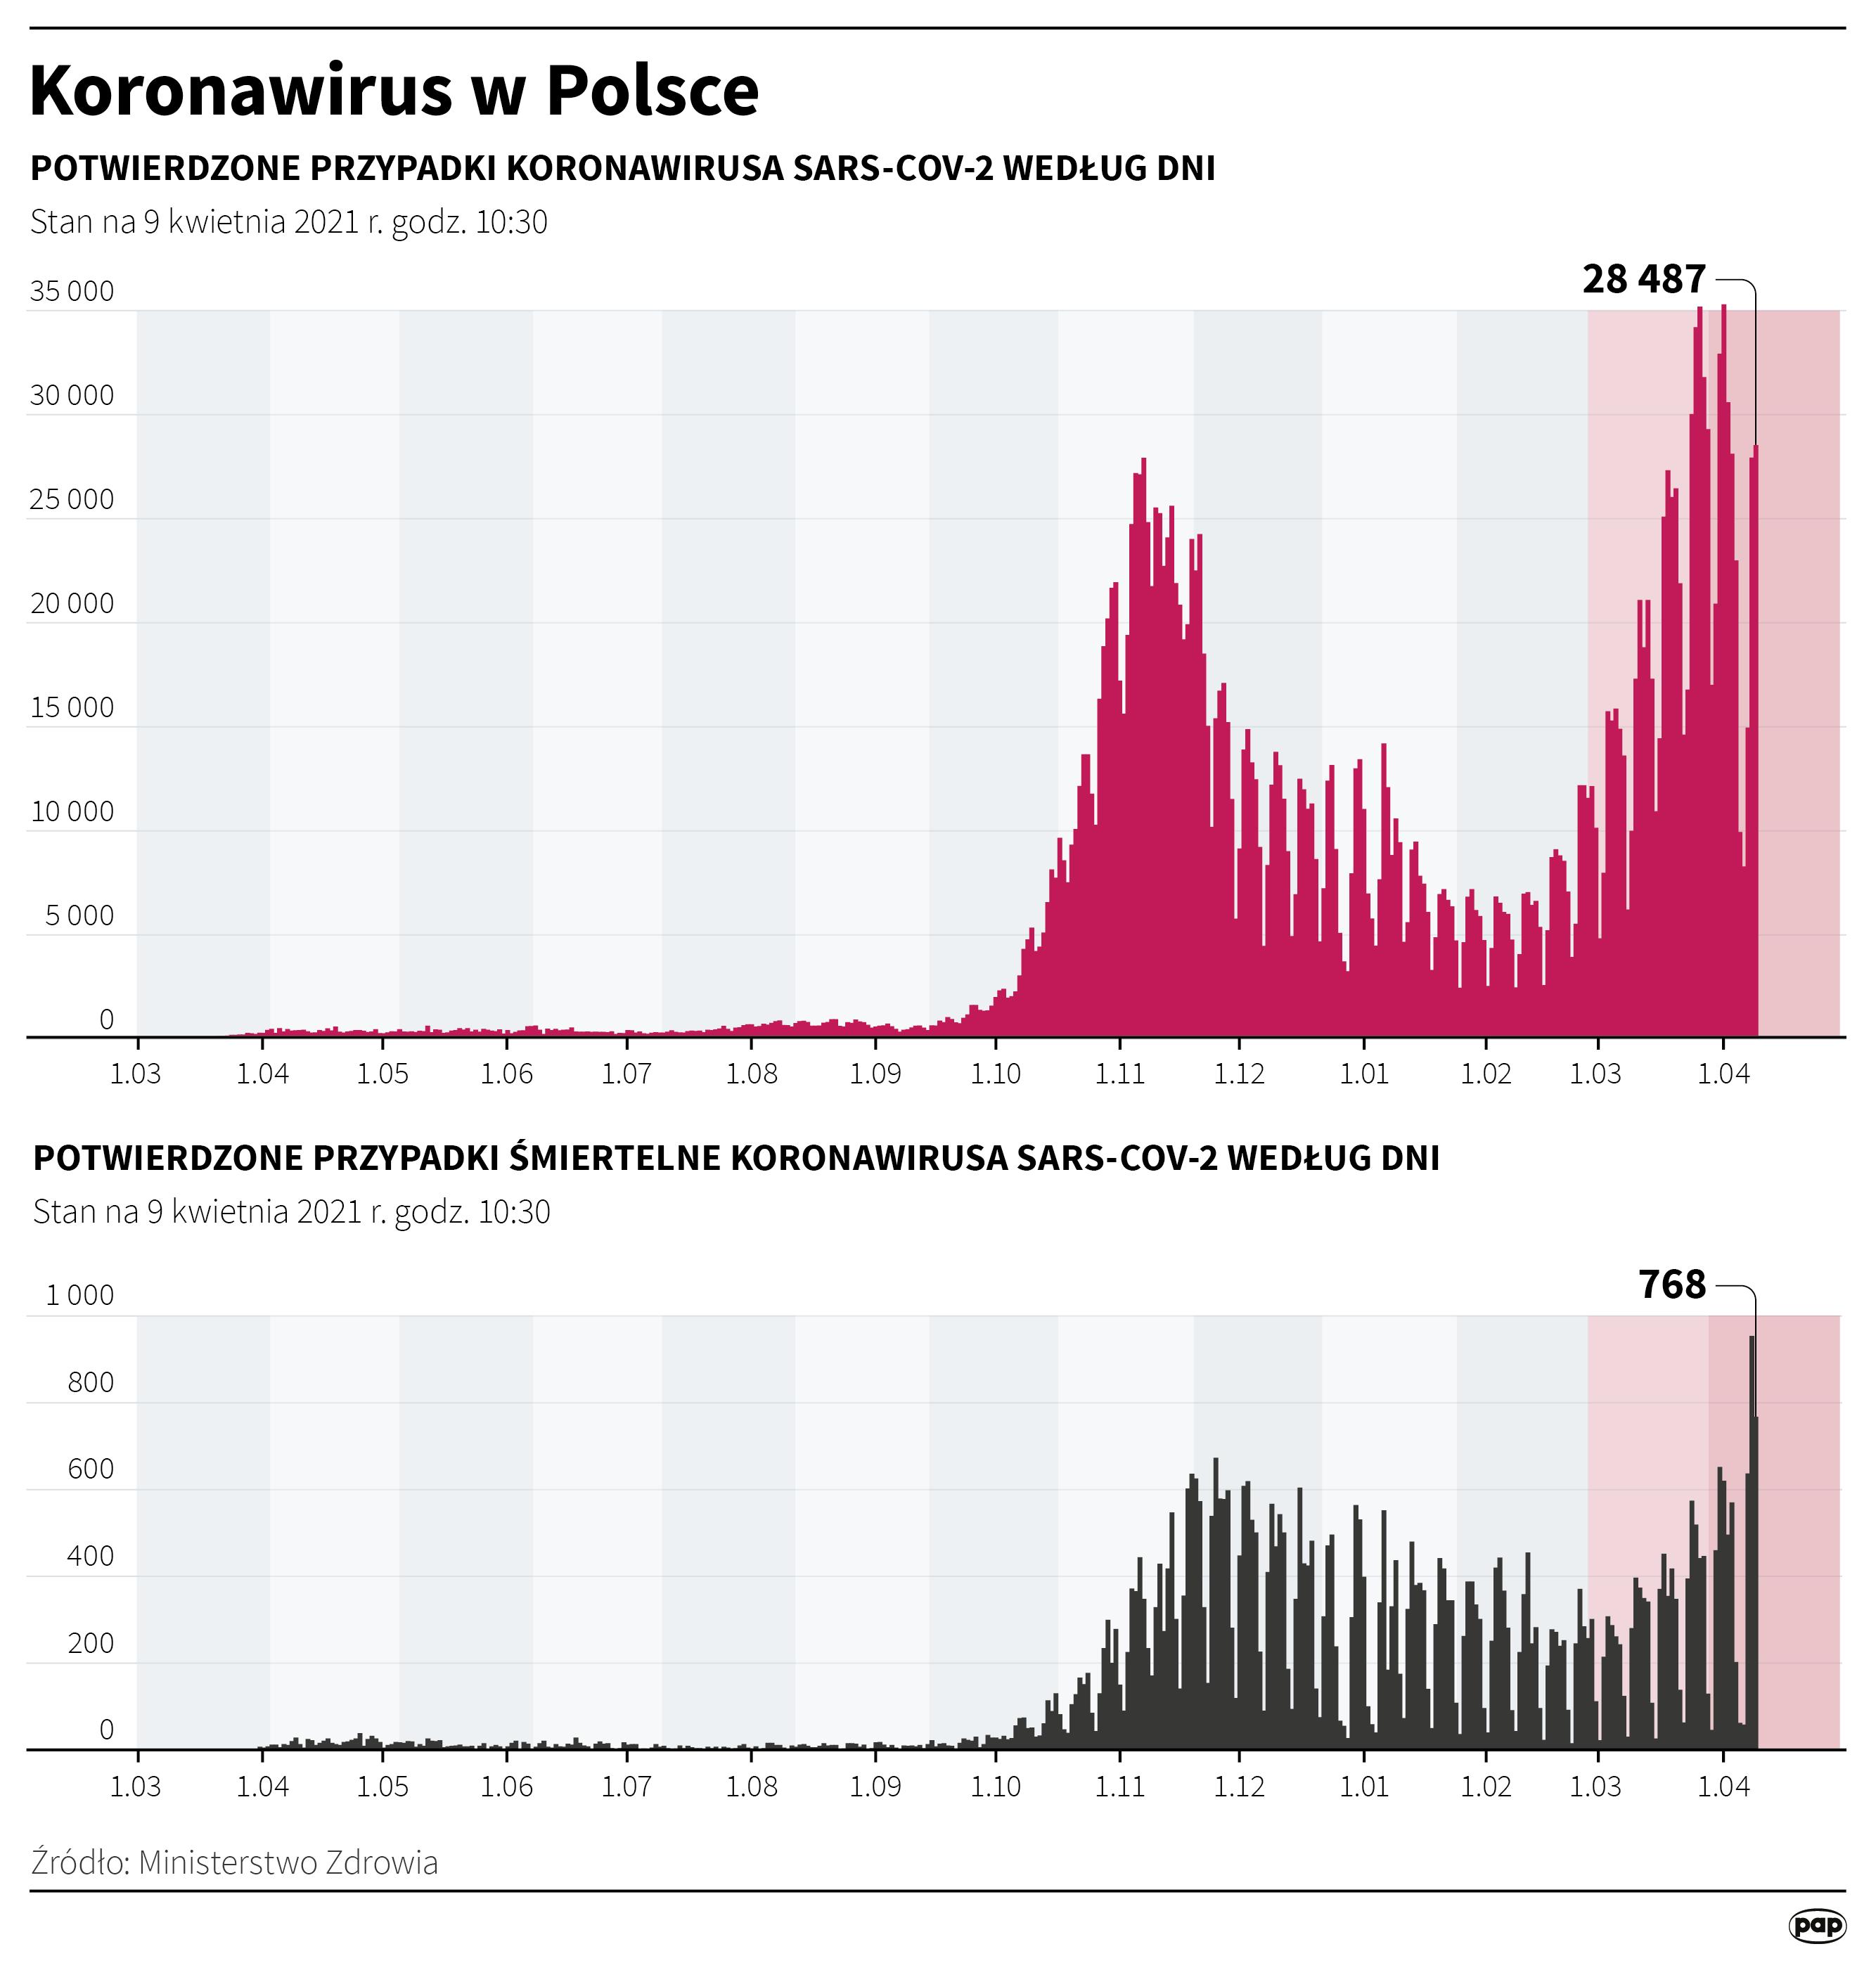 Koronawirus w Polsce - stan na 9 kwietnia [fot. Maciej Zieliński/PAP]